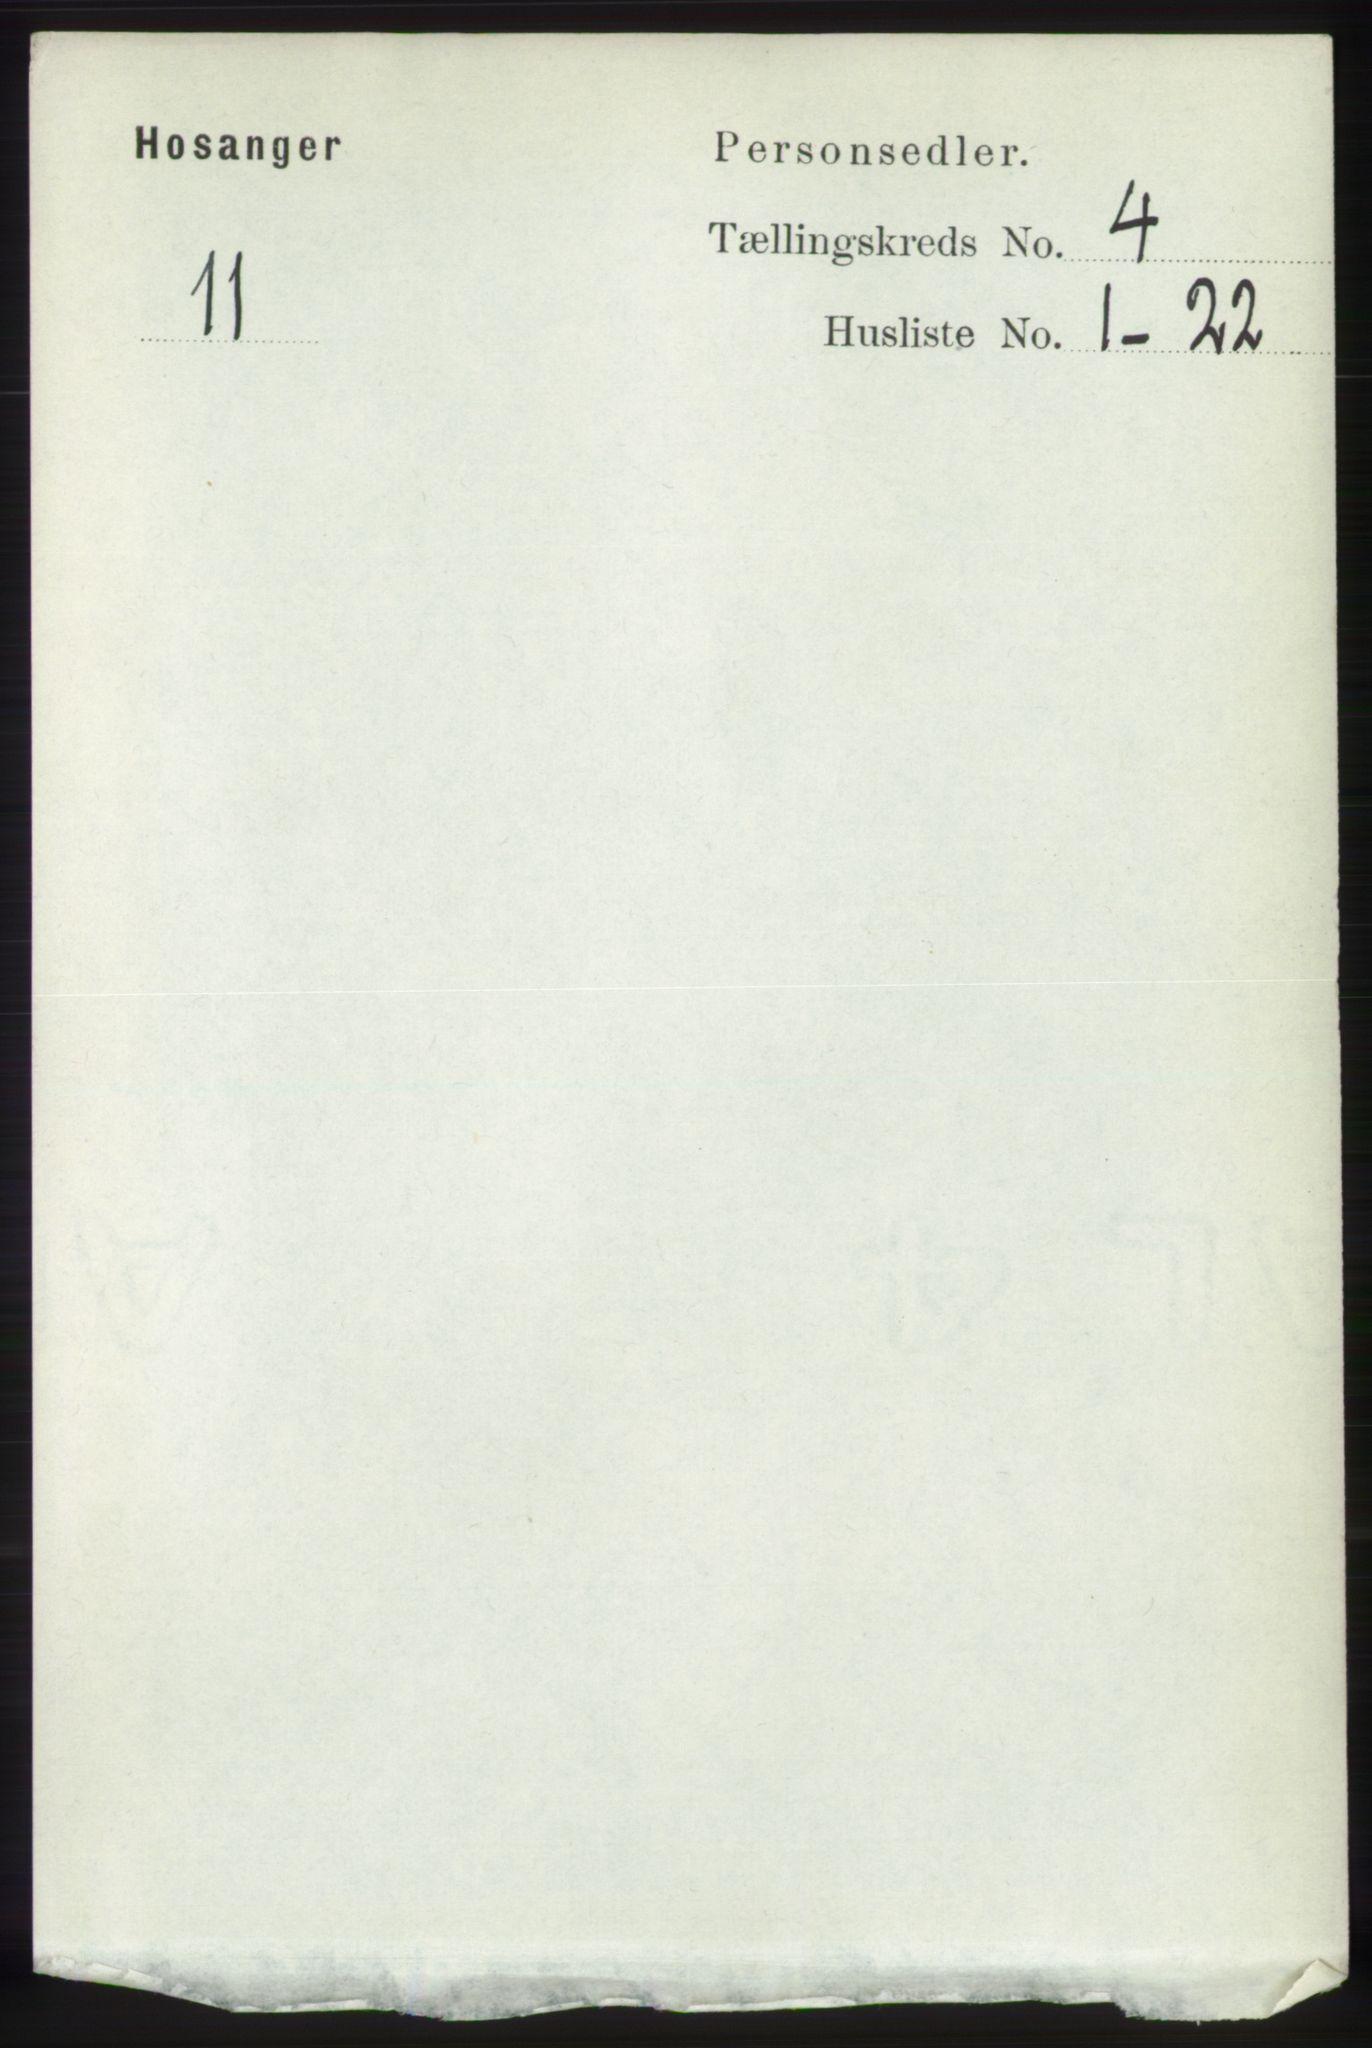 RA, Folketelling 1891 for 1253 Hosanger herred, 1891, s. 1439